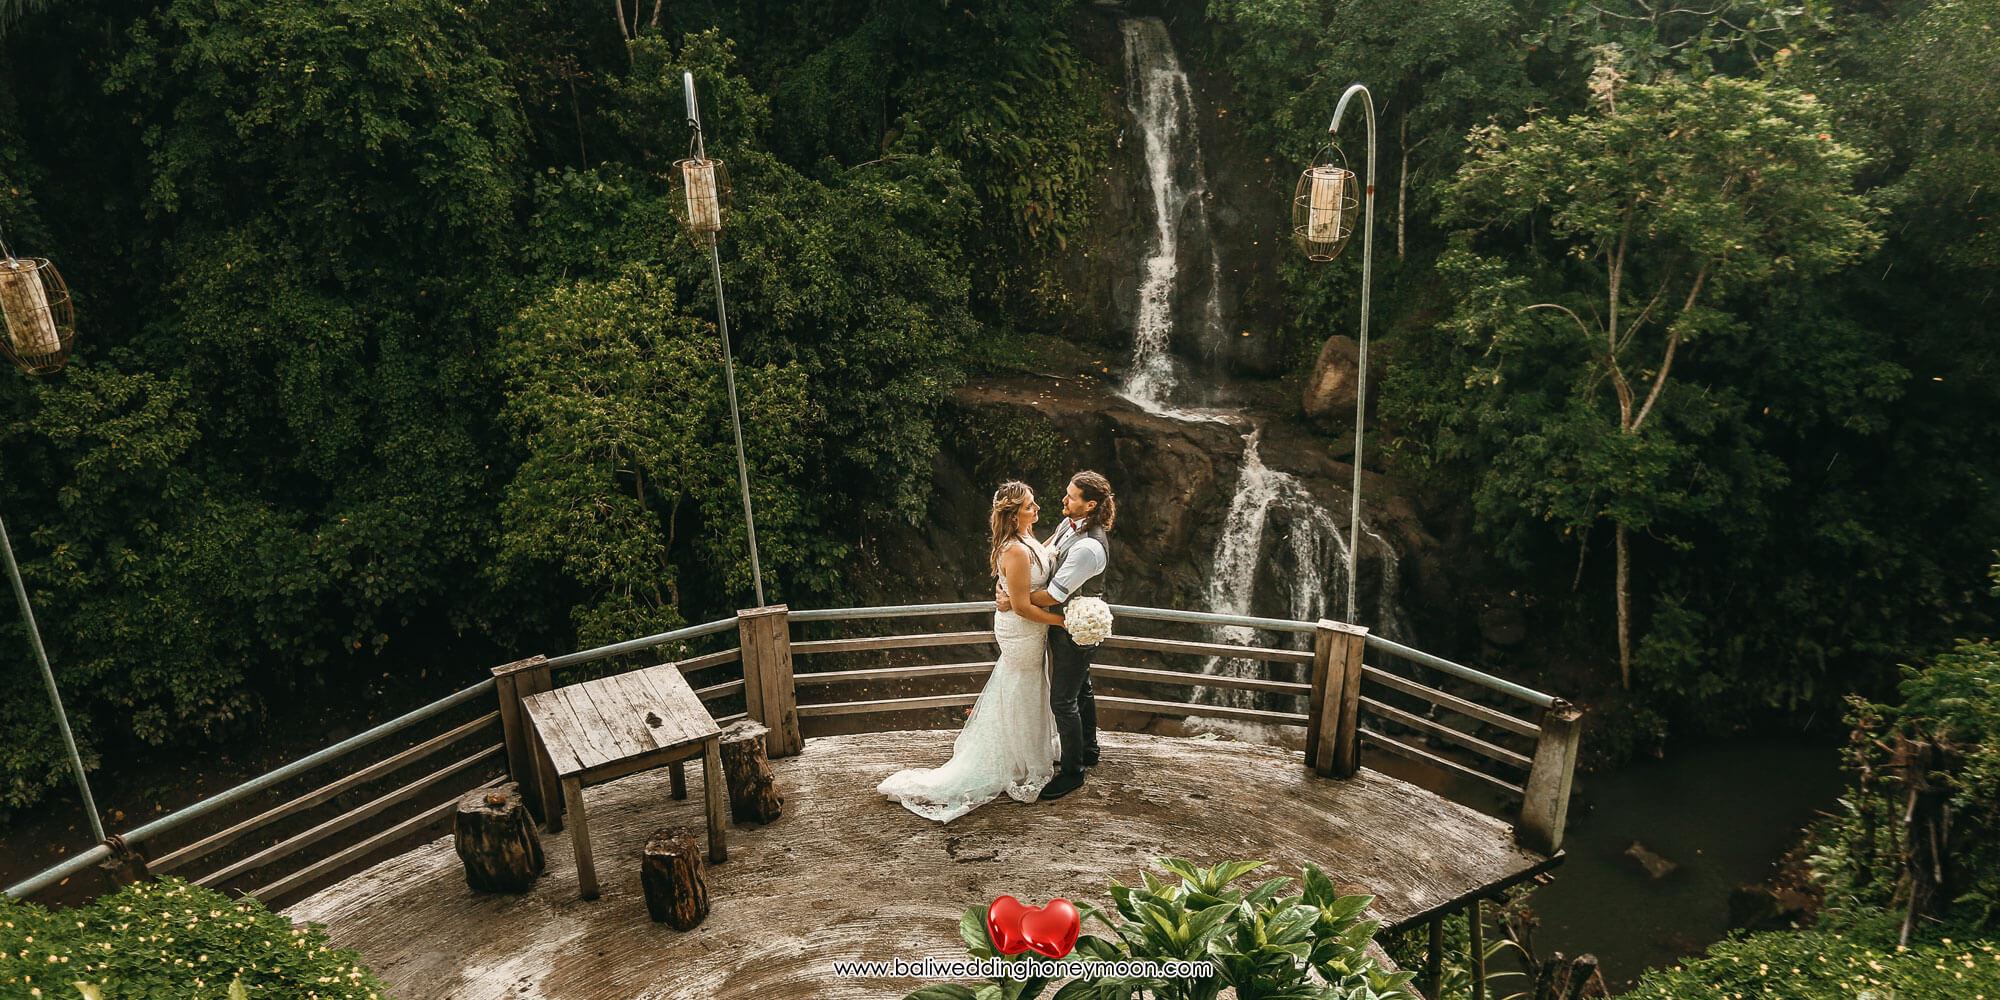 weddingvenuebali-waterfallbaliwedding-baliweddinghoneymoon-baliweddingorganizer-baliweddingplanner-baliweddingpackage-layanawarung2